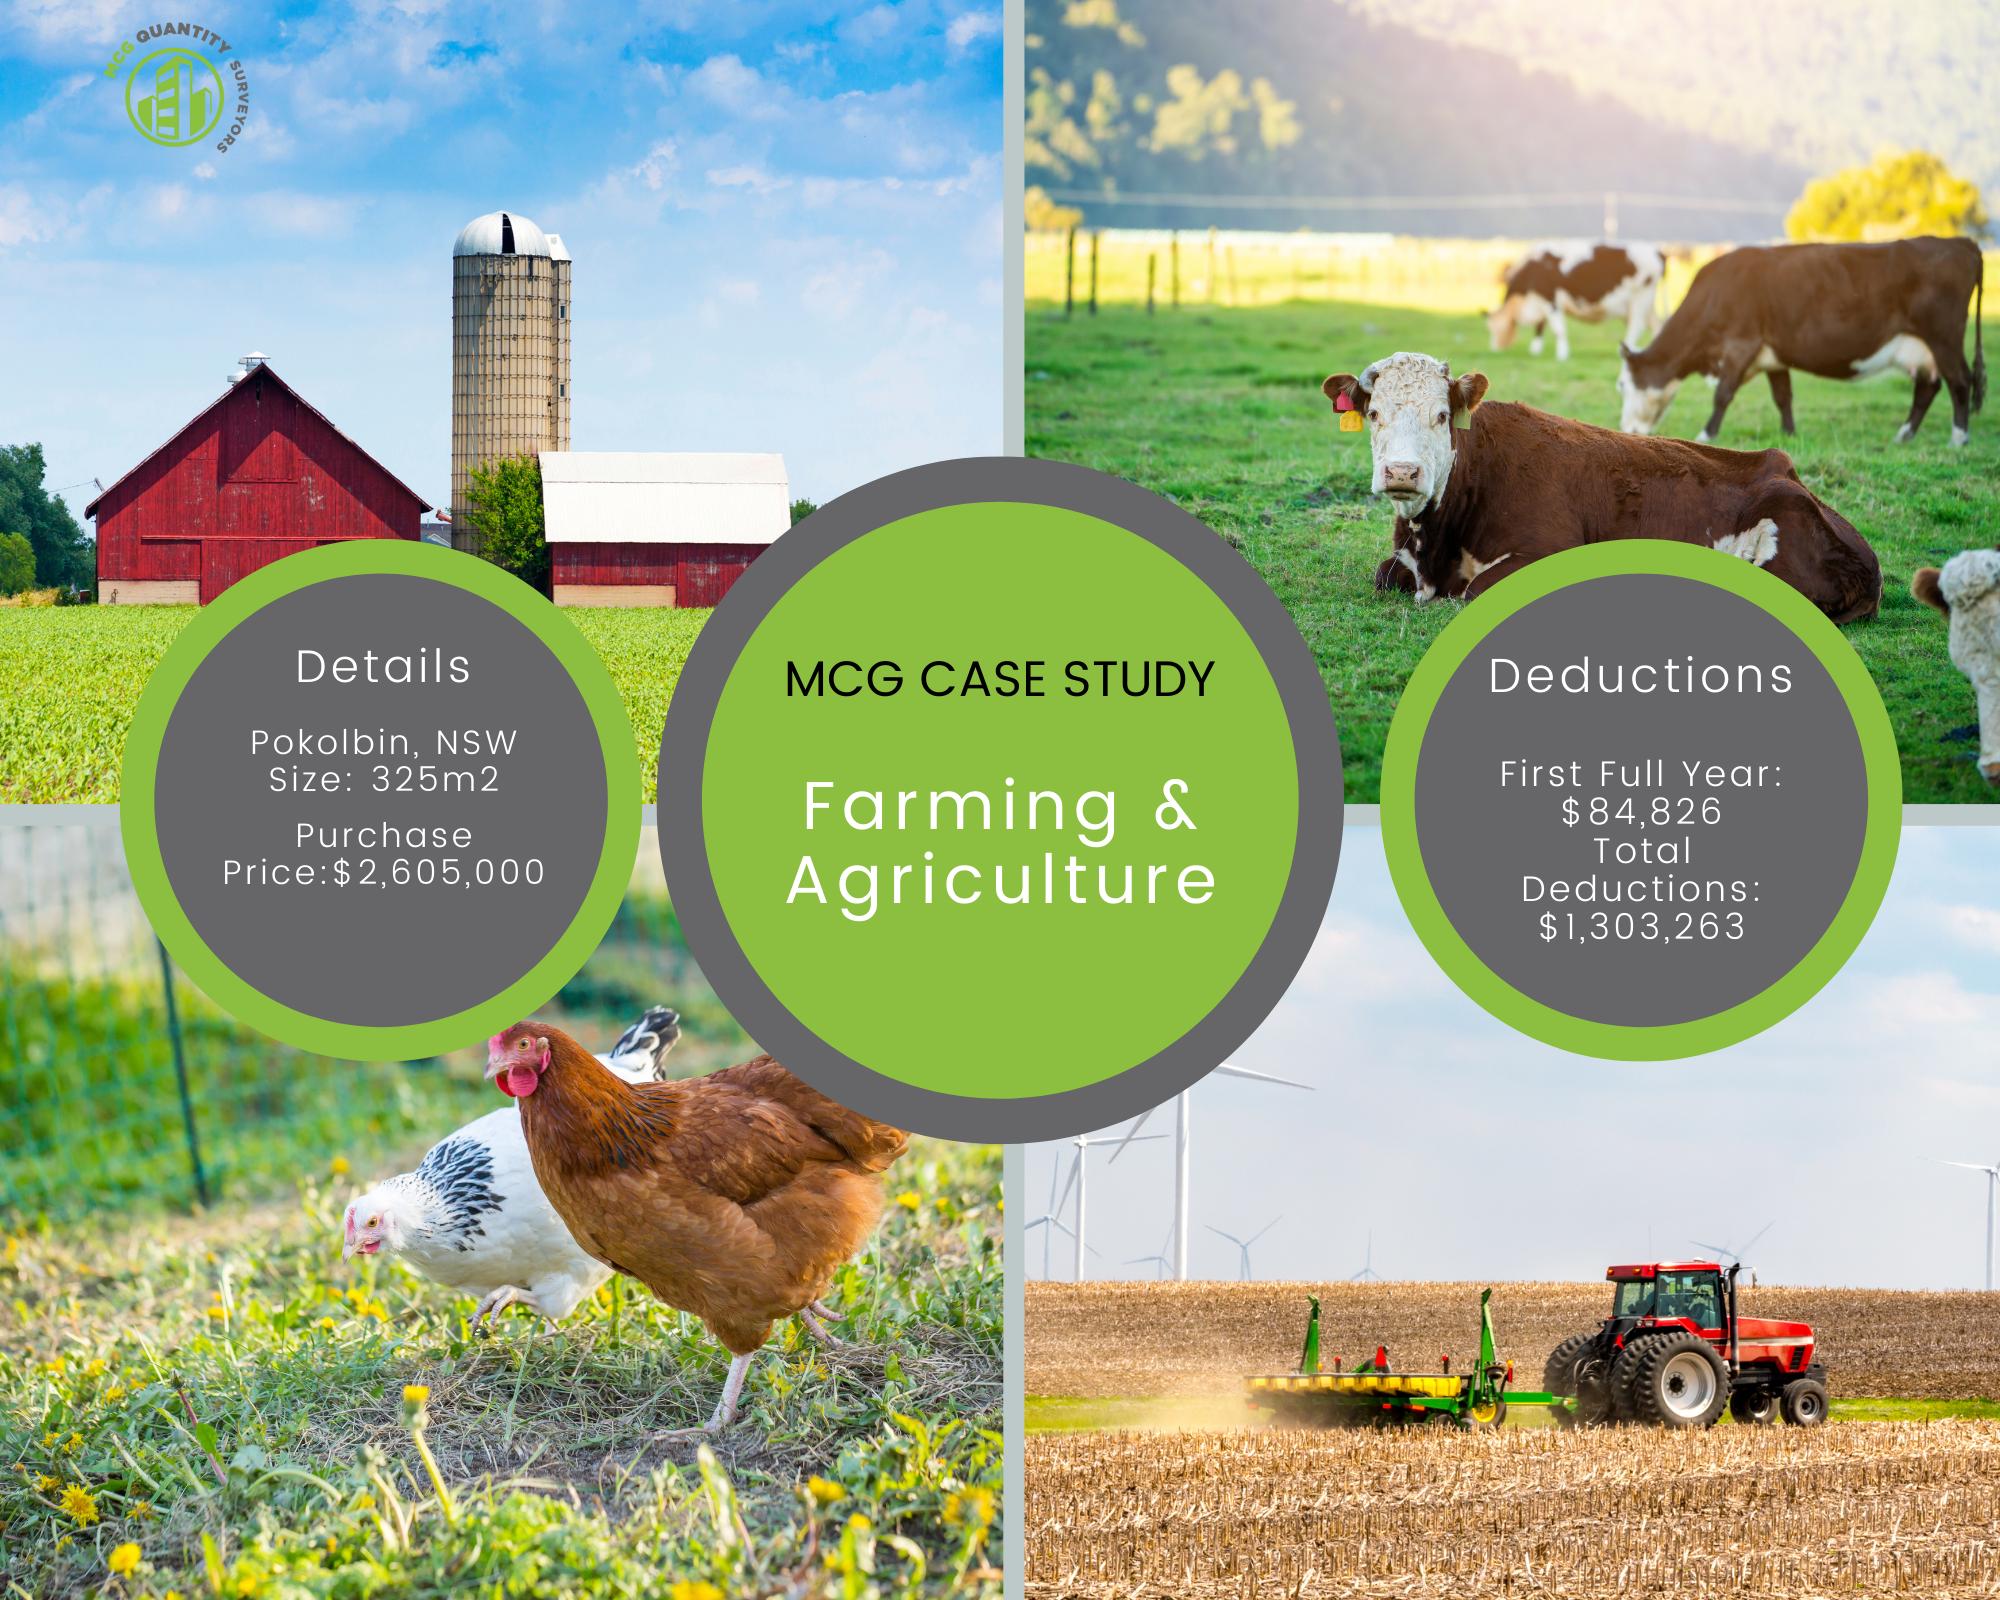 Case Study - Farm - Polkobin, NSW